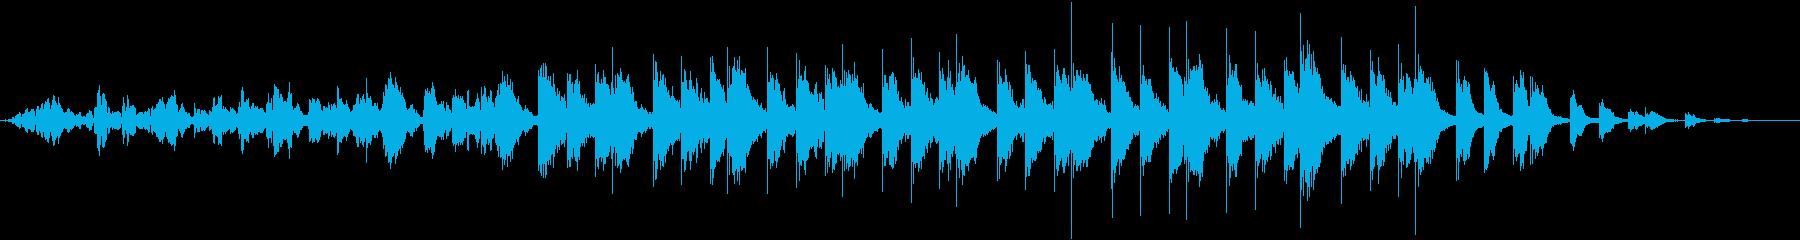 アンビエント、リラクゼーション、電子。の再生済みの波形